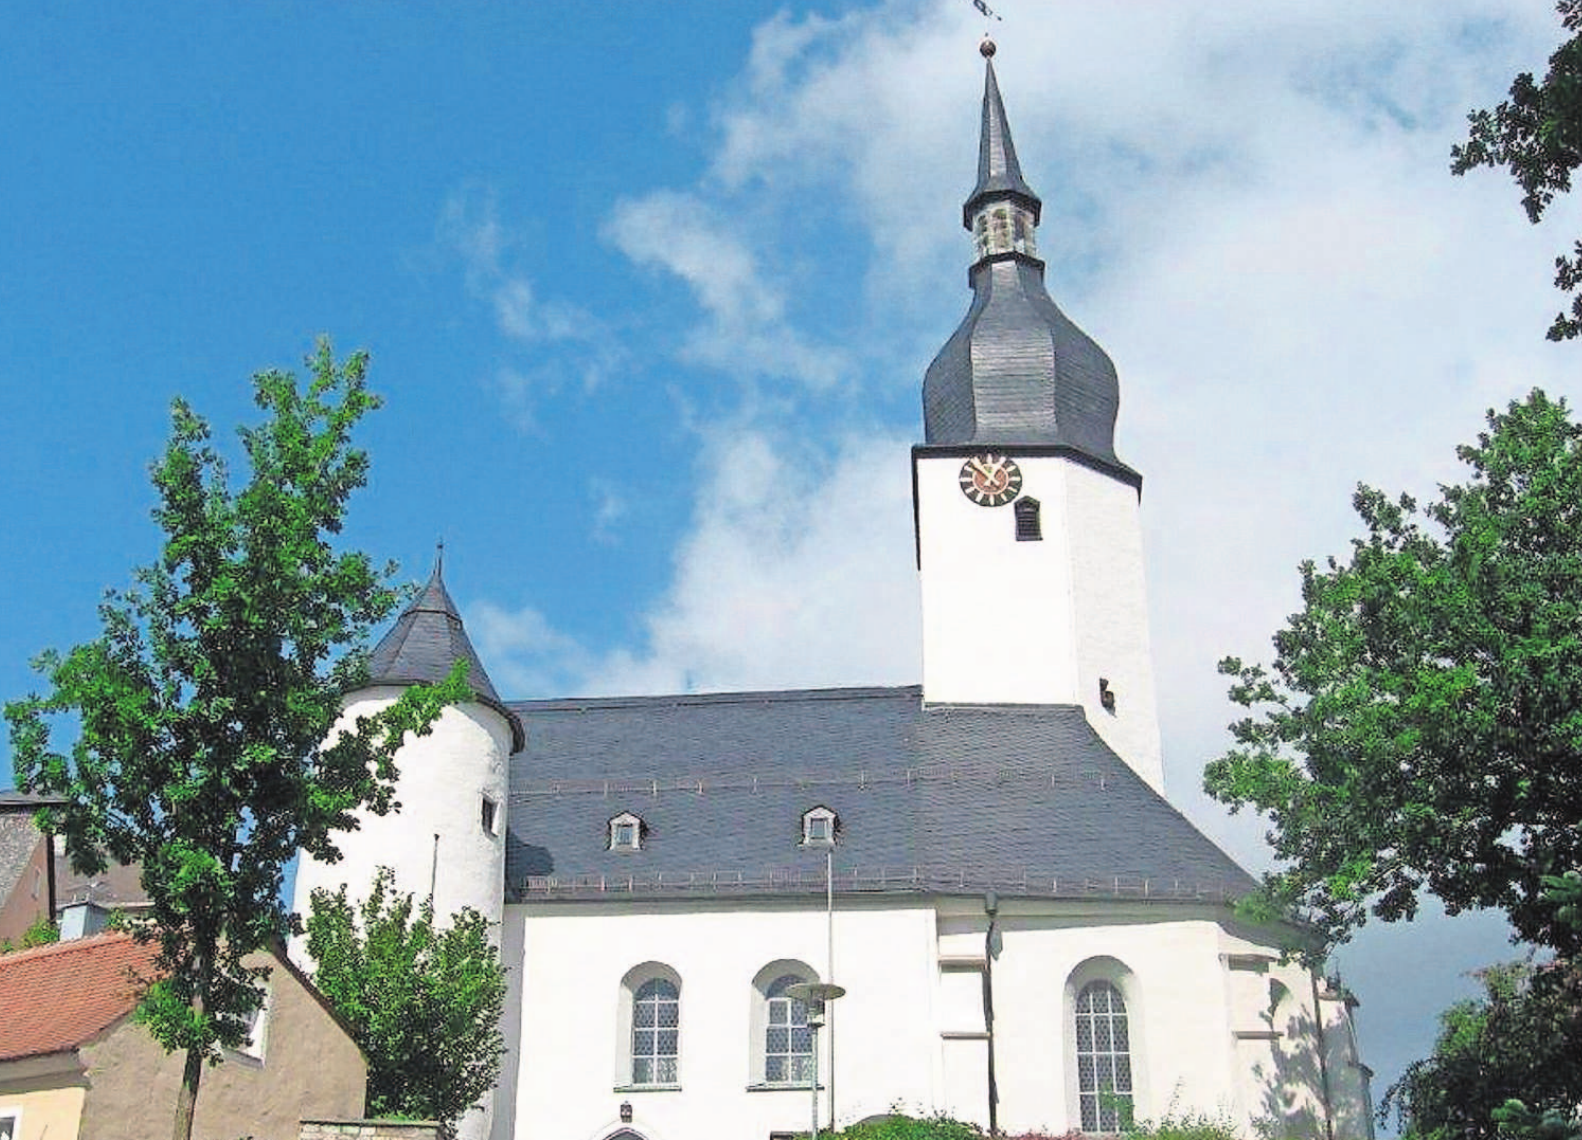 """In der alten und ehrwürdigen Kirche St. Ägiden in Thiersheim gibt es am Sonntag einen feierlichen Gottesdienst. Zur Kirchweih wird jedes Jahr """"Geburtstags- oder Einweihungsfest"""" der Kirche gefeiert."""